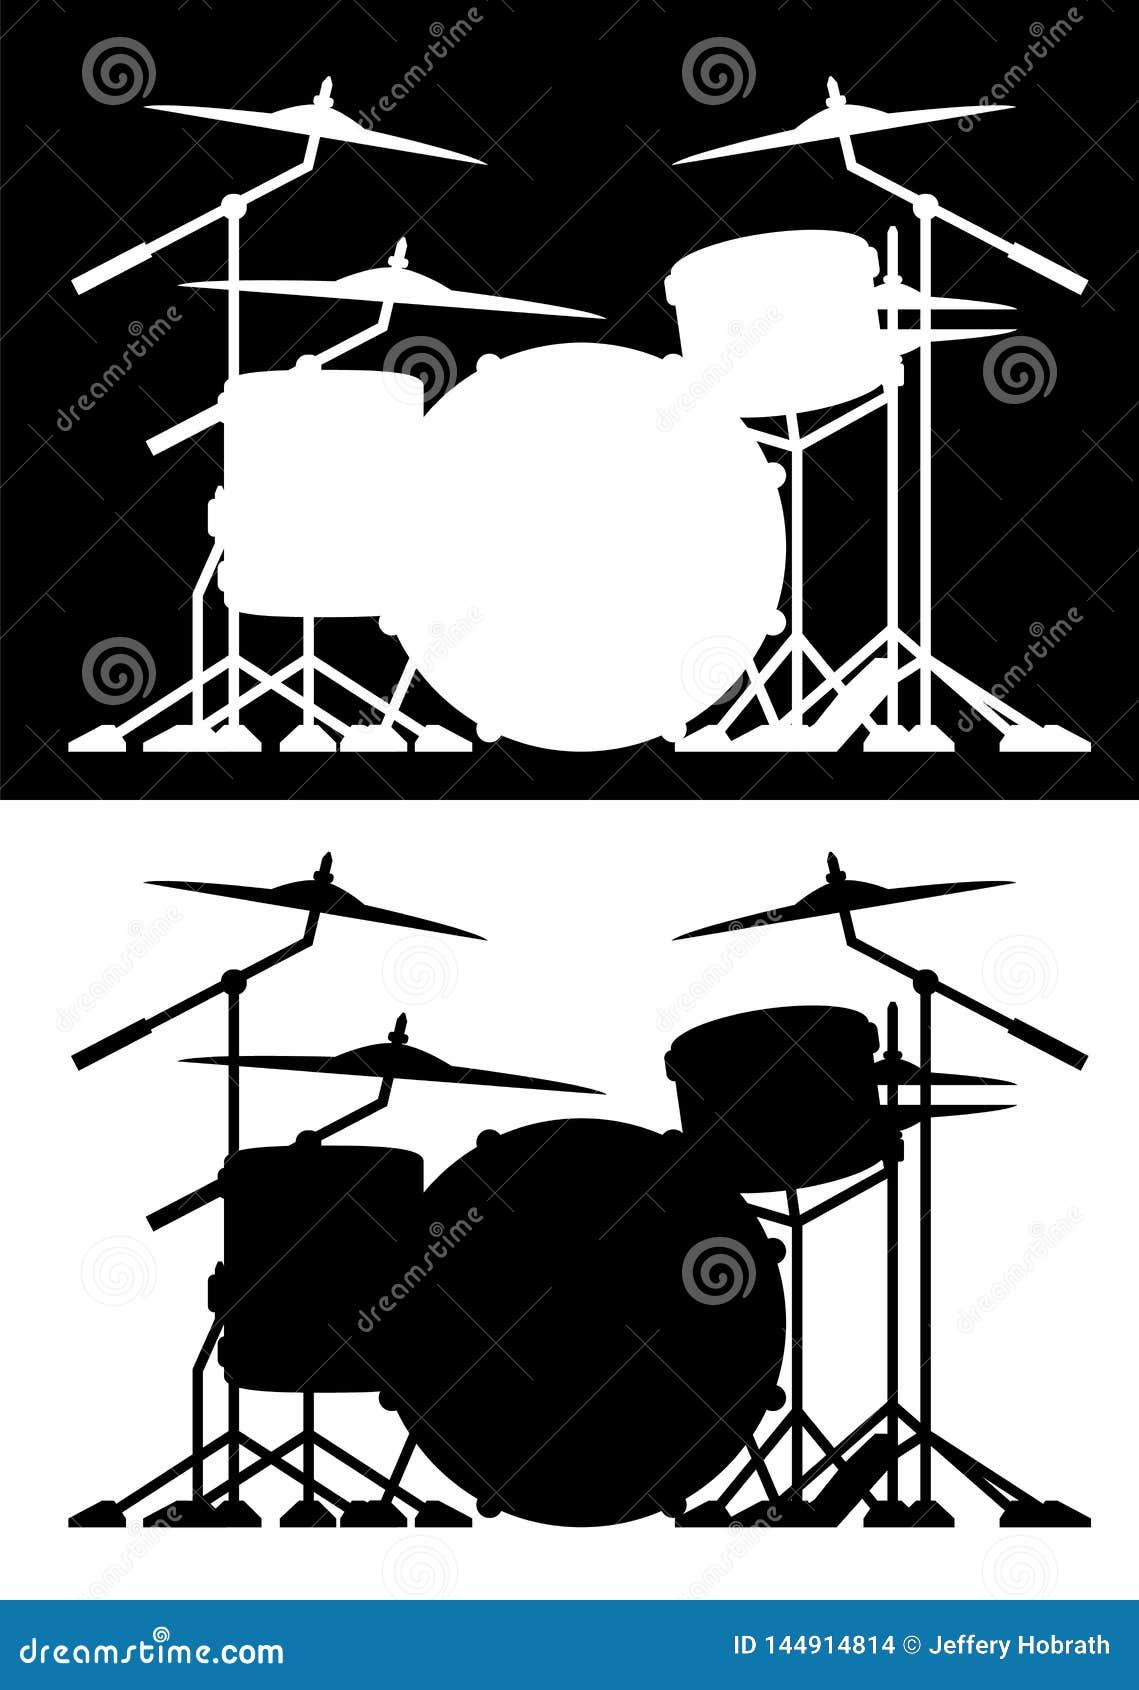 Bębni ustalona sylwetka odizolowywającą wektorową ilustrację w oba czarny i biały